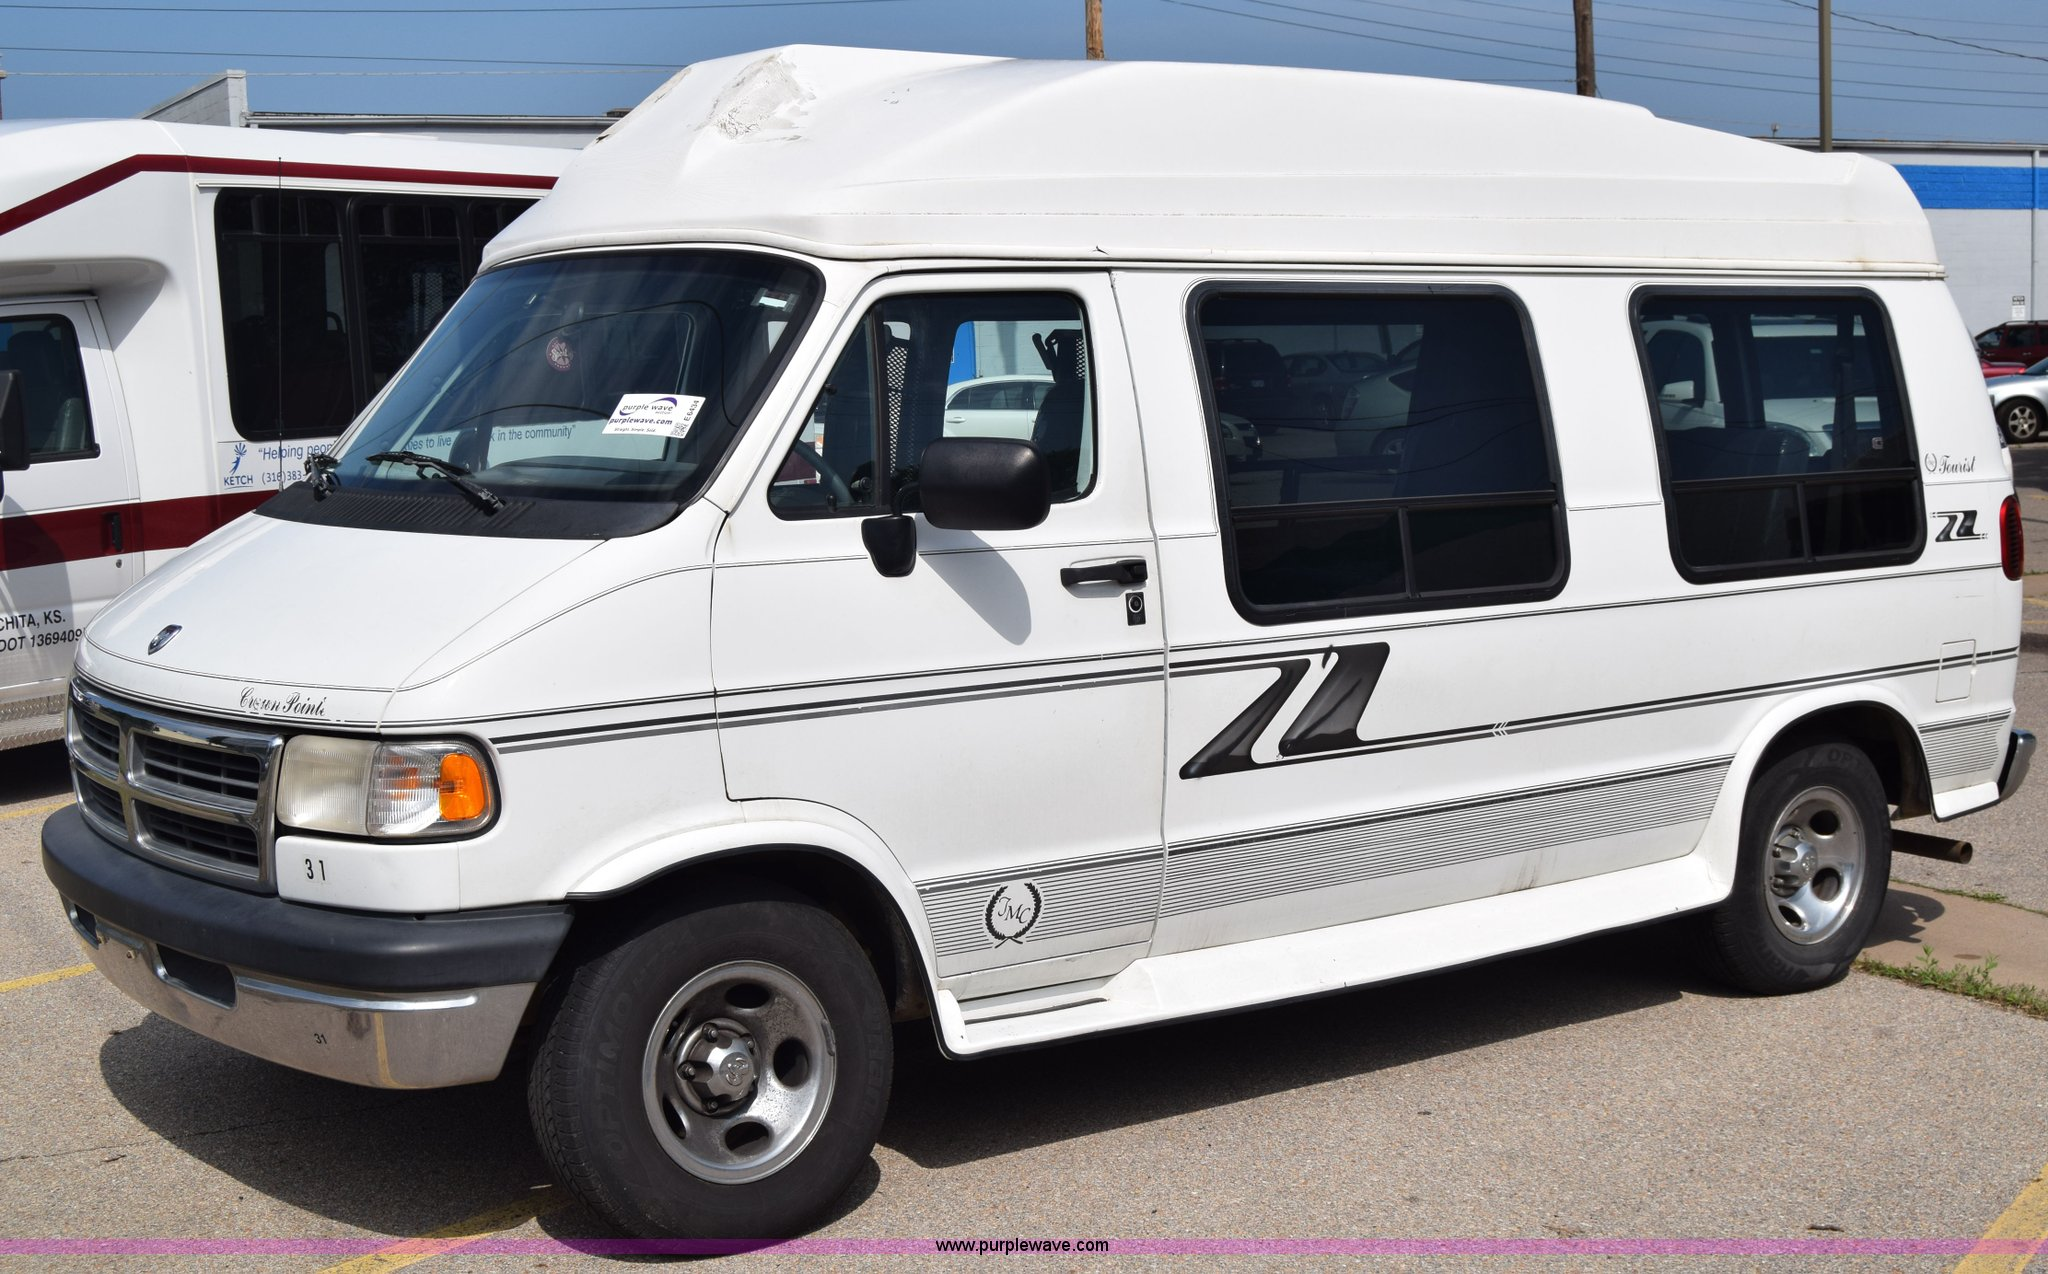 1996 Dodge Ram Van 2500 Van In Wichita Ks Item E6434 Sold Purple Wave